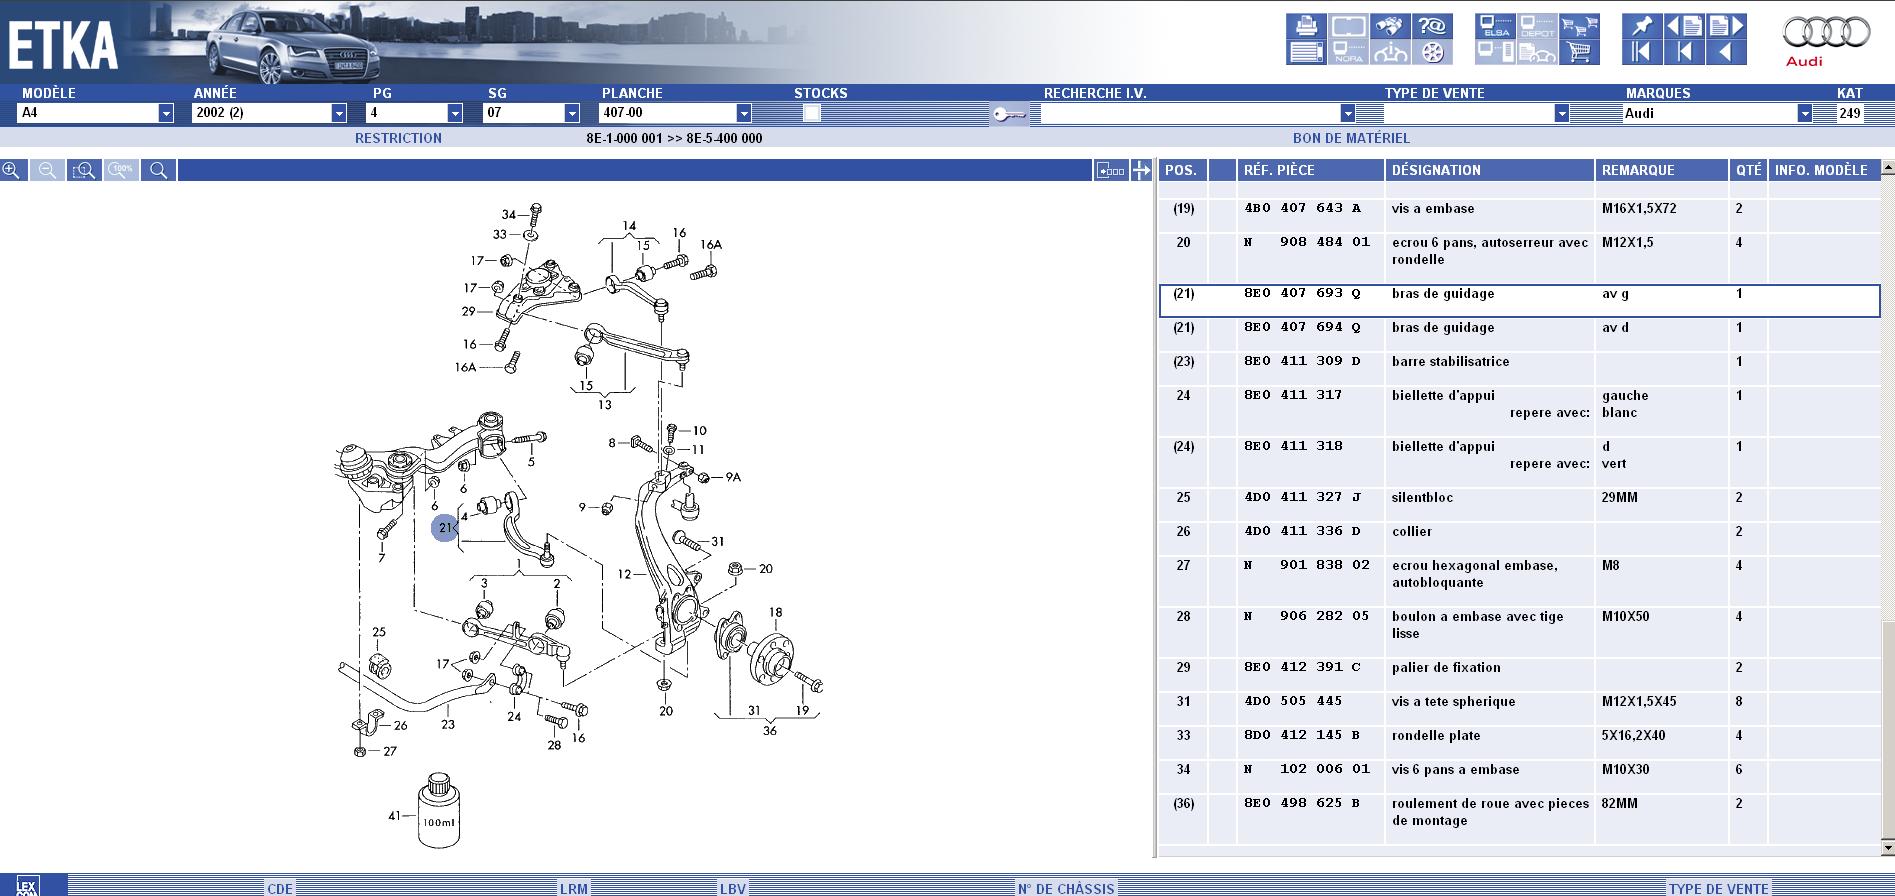 etka-biellette-suspension-audi-a4-b6.png